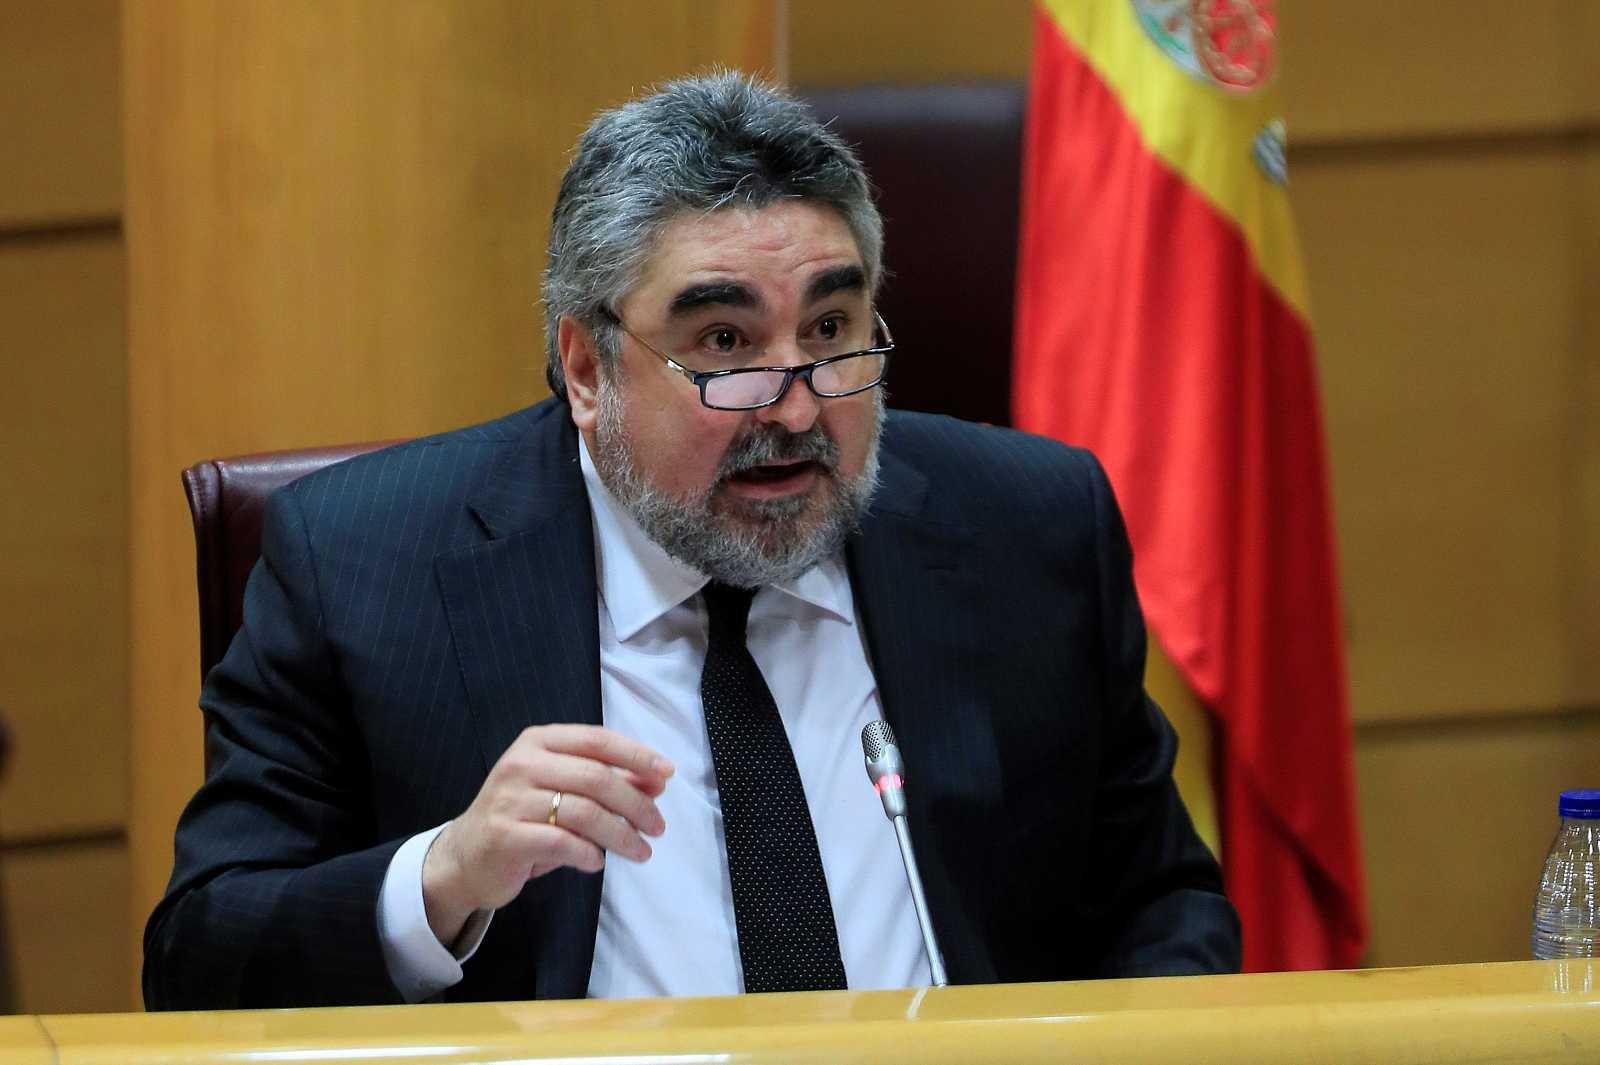 Ministro de Cultura informa de las líneas generales de actuación de su departamento en el Senado